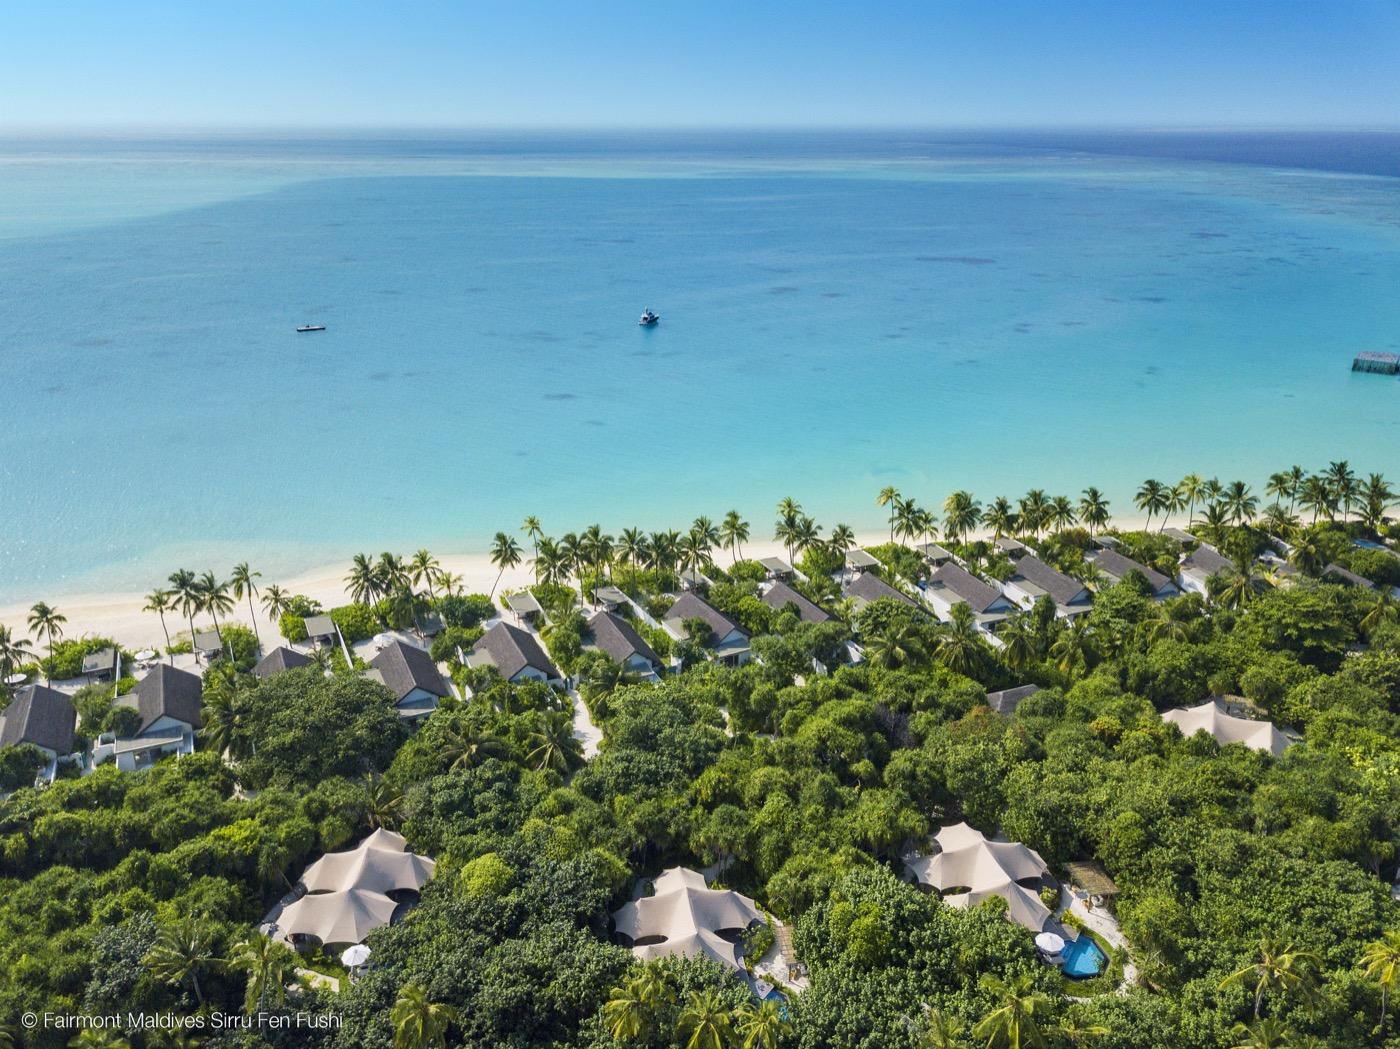 Fairmont Maldives Sirru Fen Fushi « Landezine International